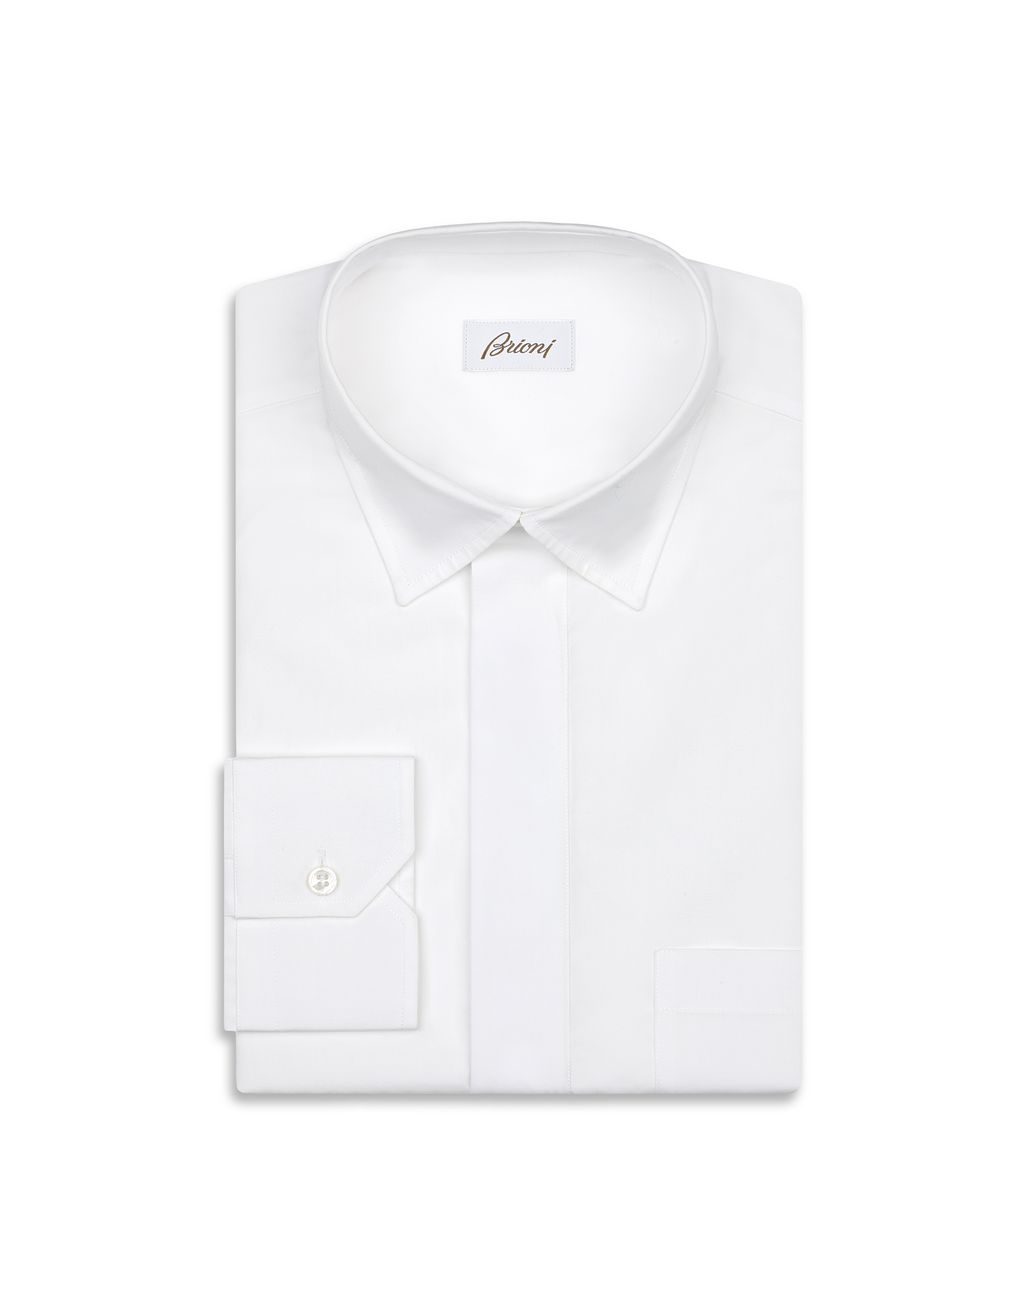 BRIONI White Half Placket Shirt Leisure shirt Man f